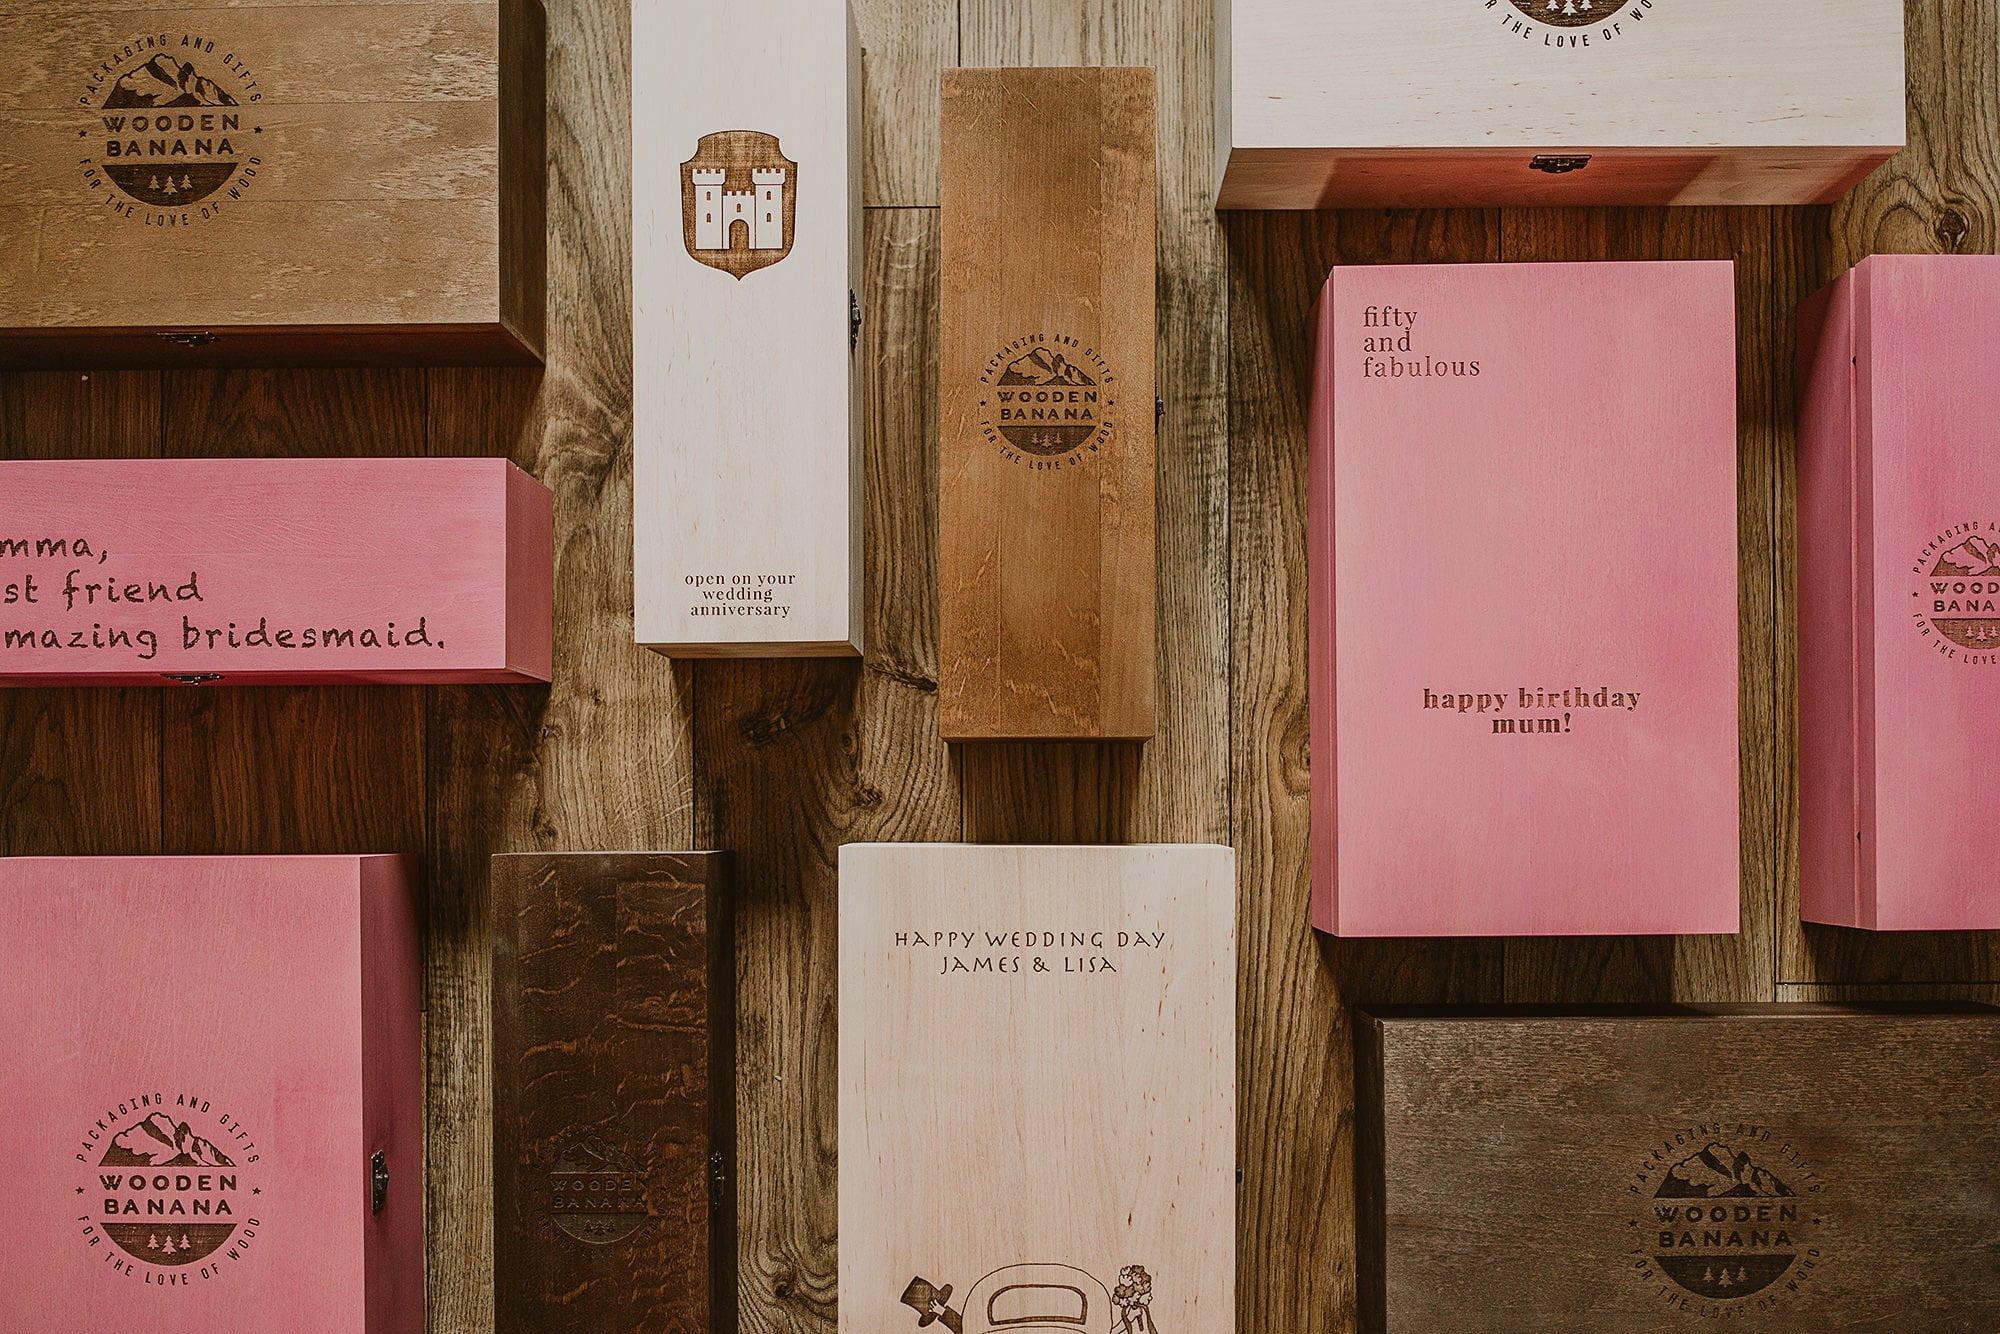 Wine boxes 2